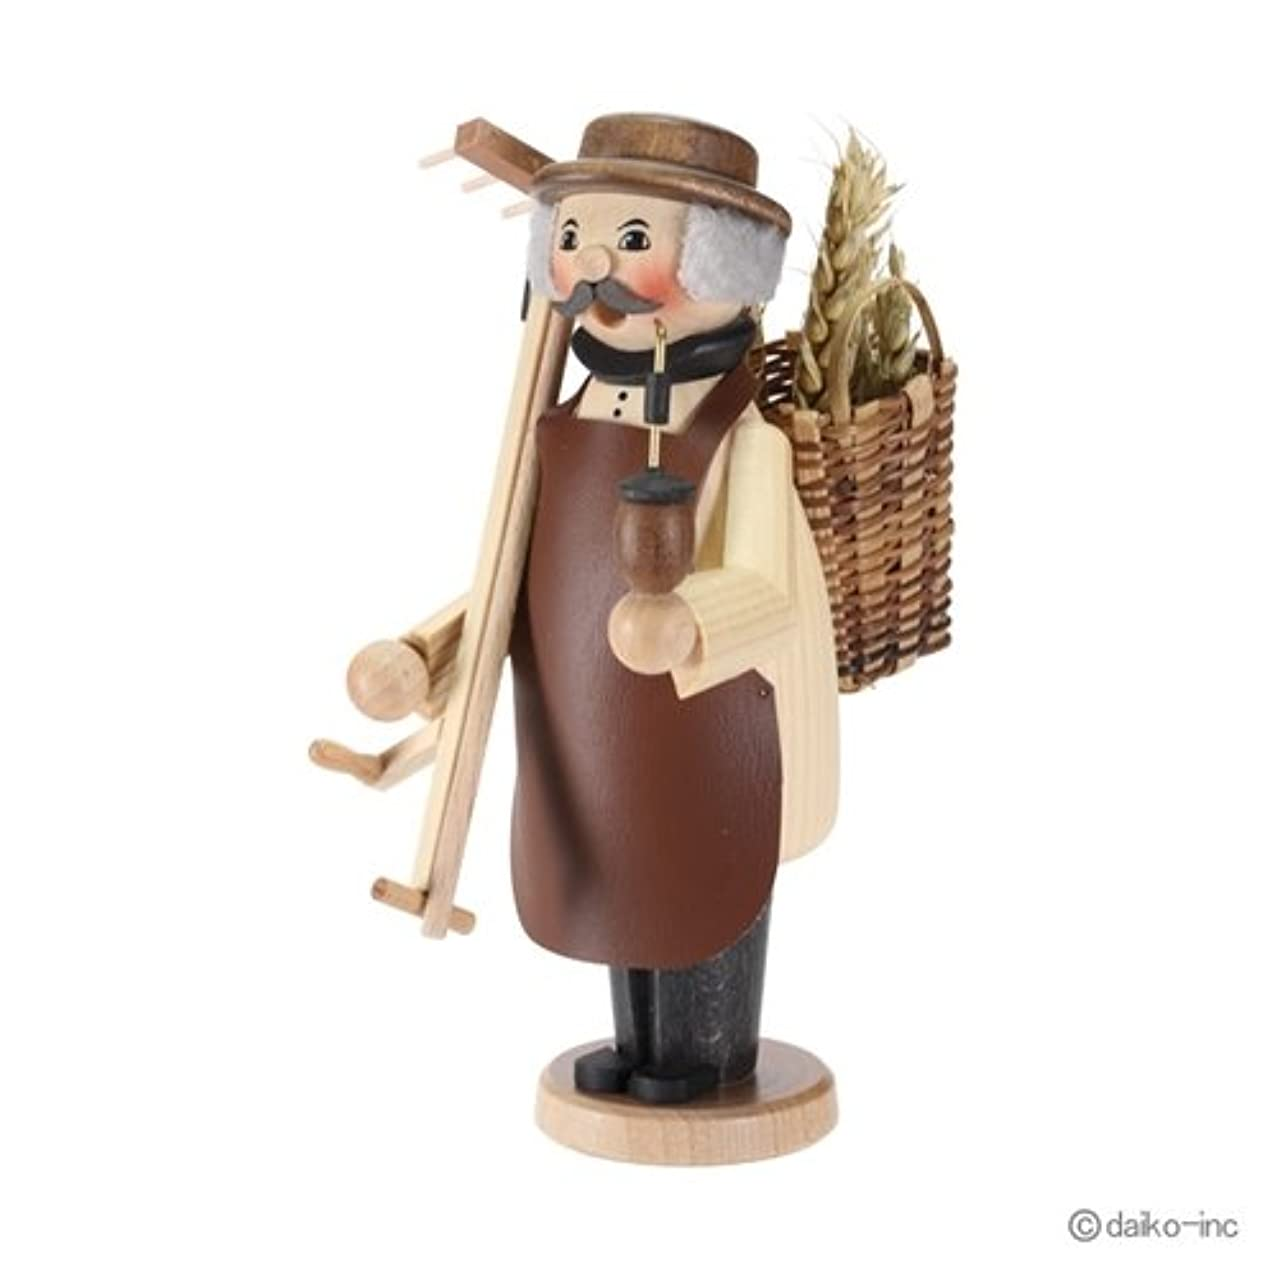 あいまい支店肉クーネルト kuhnert ミニパイプ人形香炉 農夫